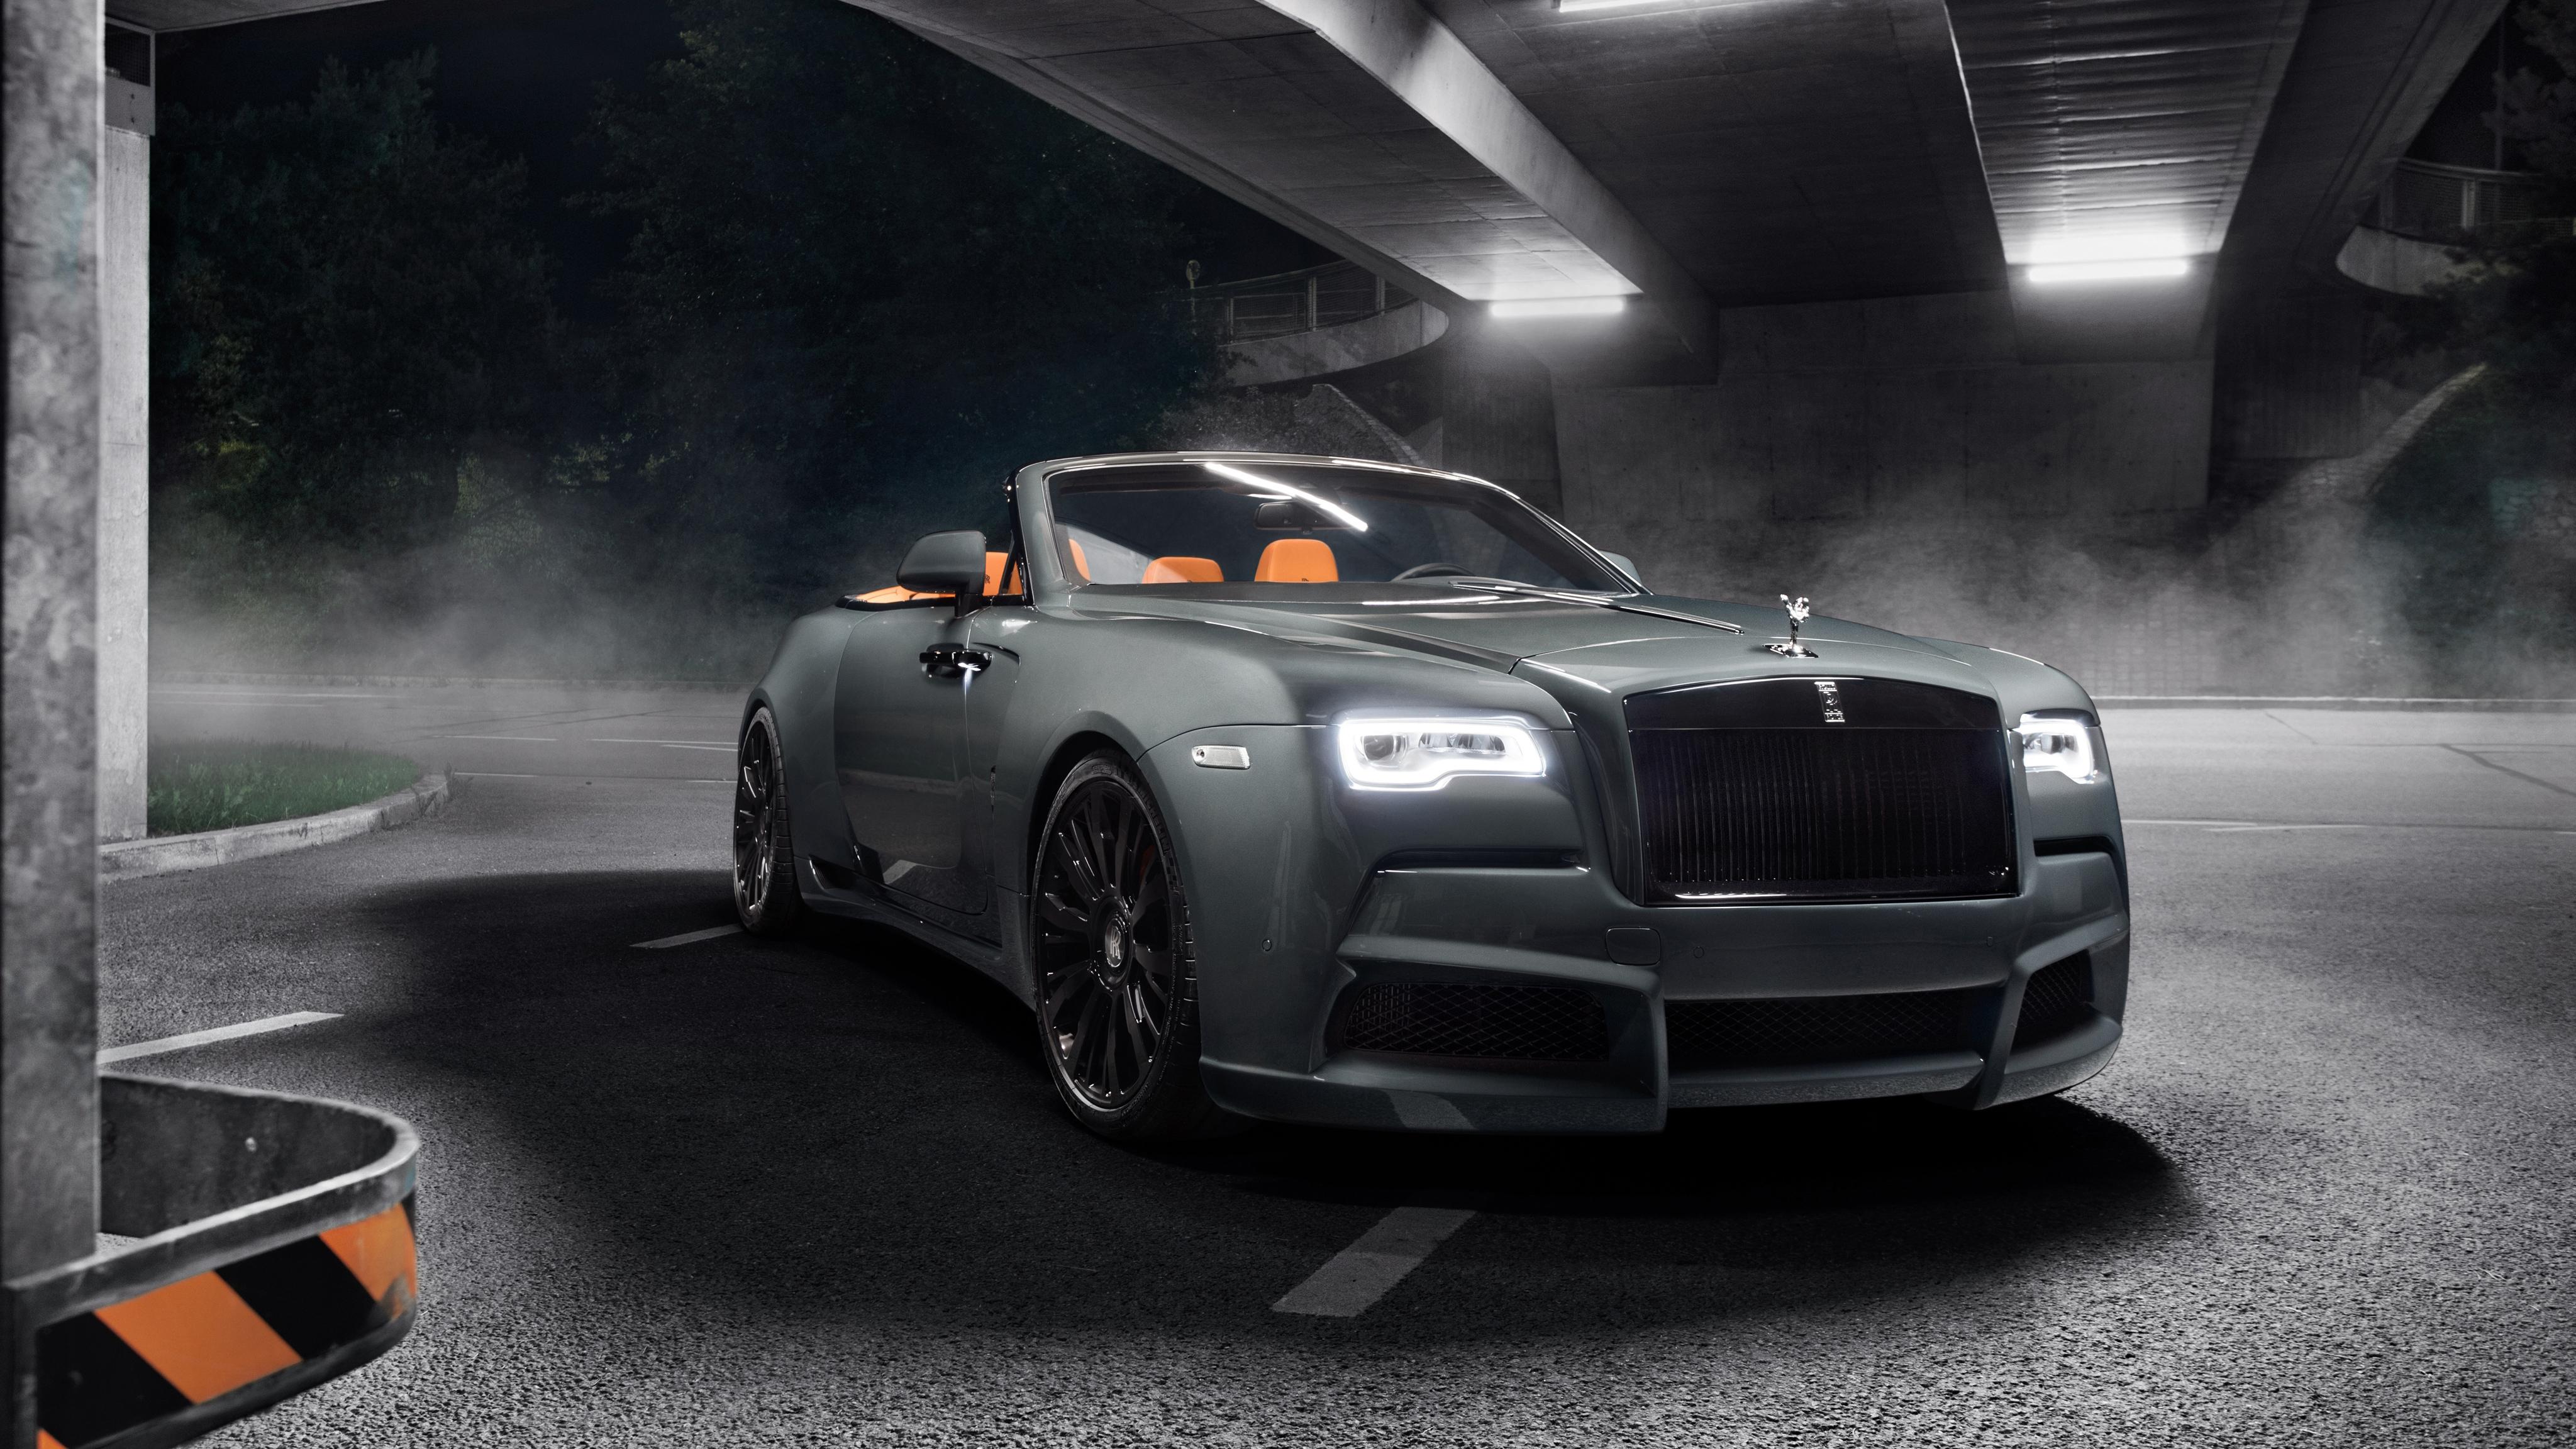 2018 Rolls Royce Dawn Overdose By Spofec 4k Wallpaper Hd